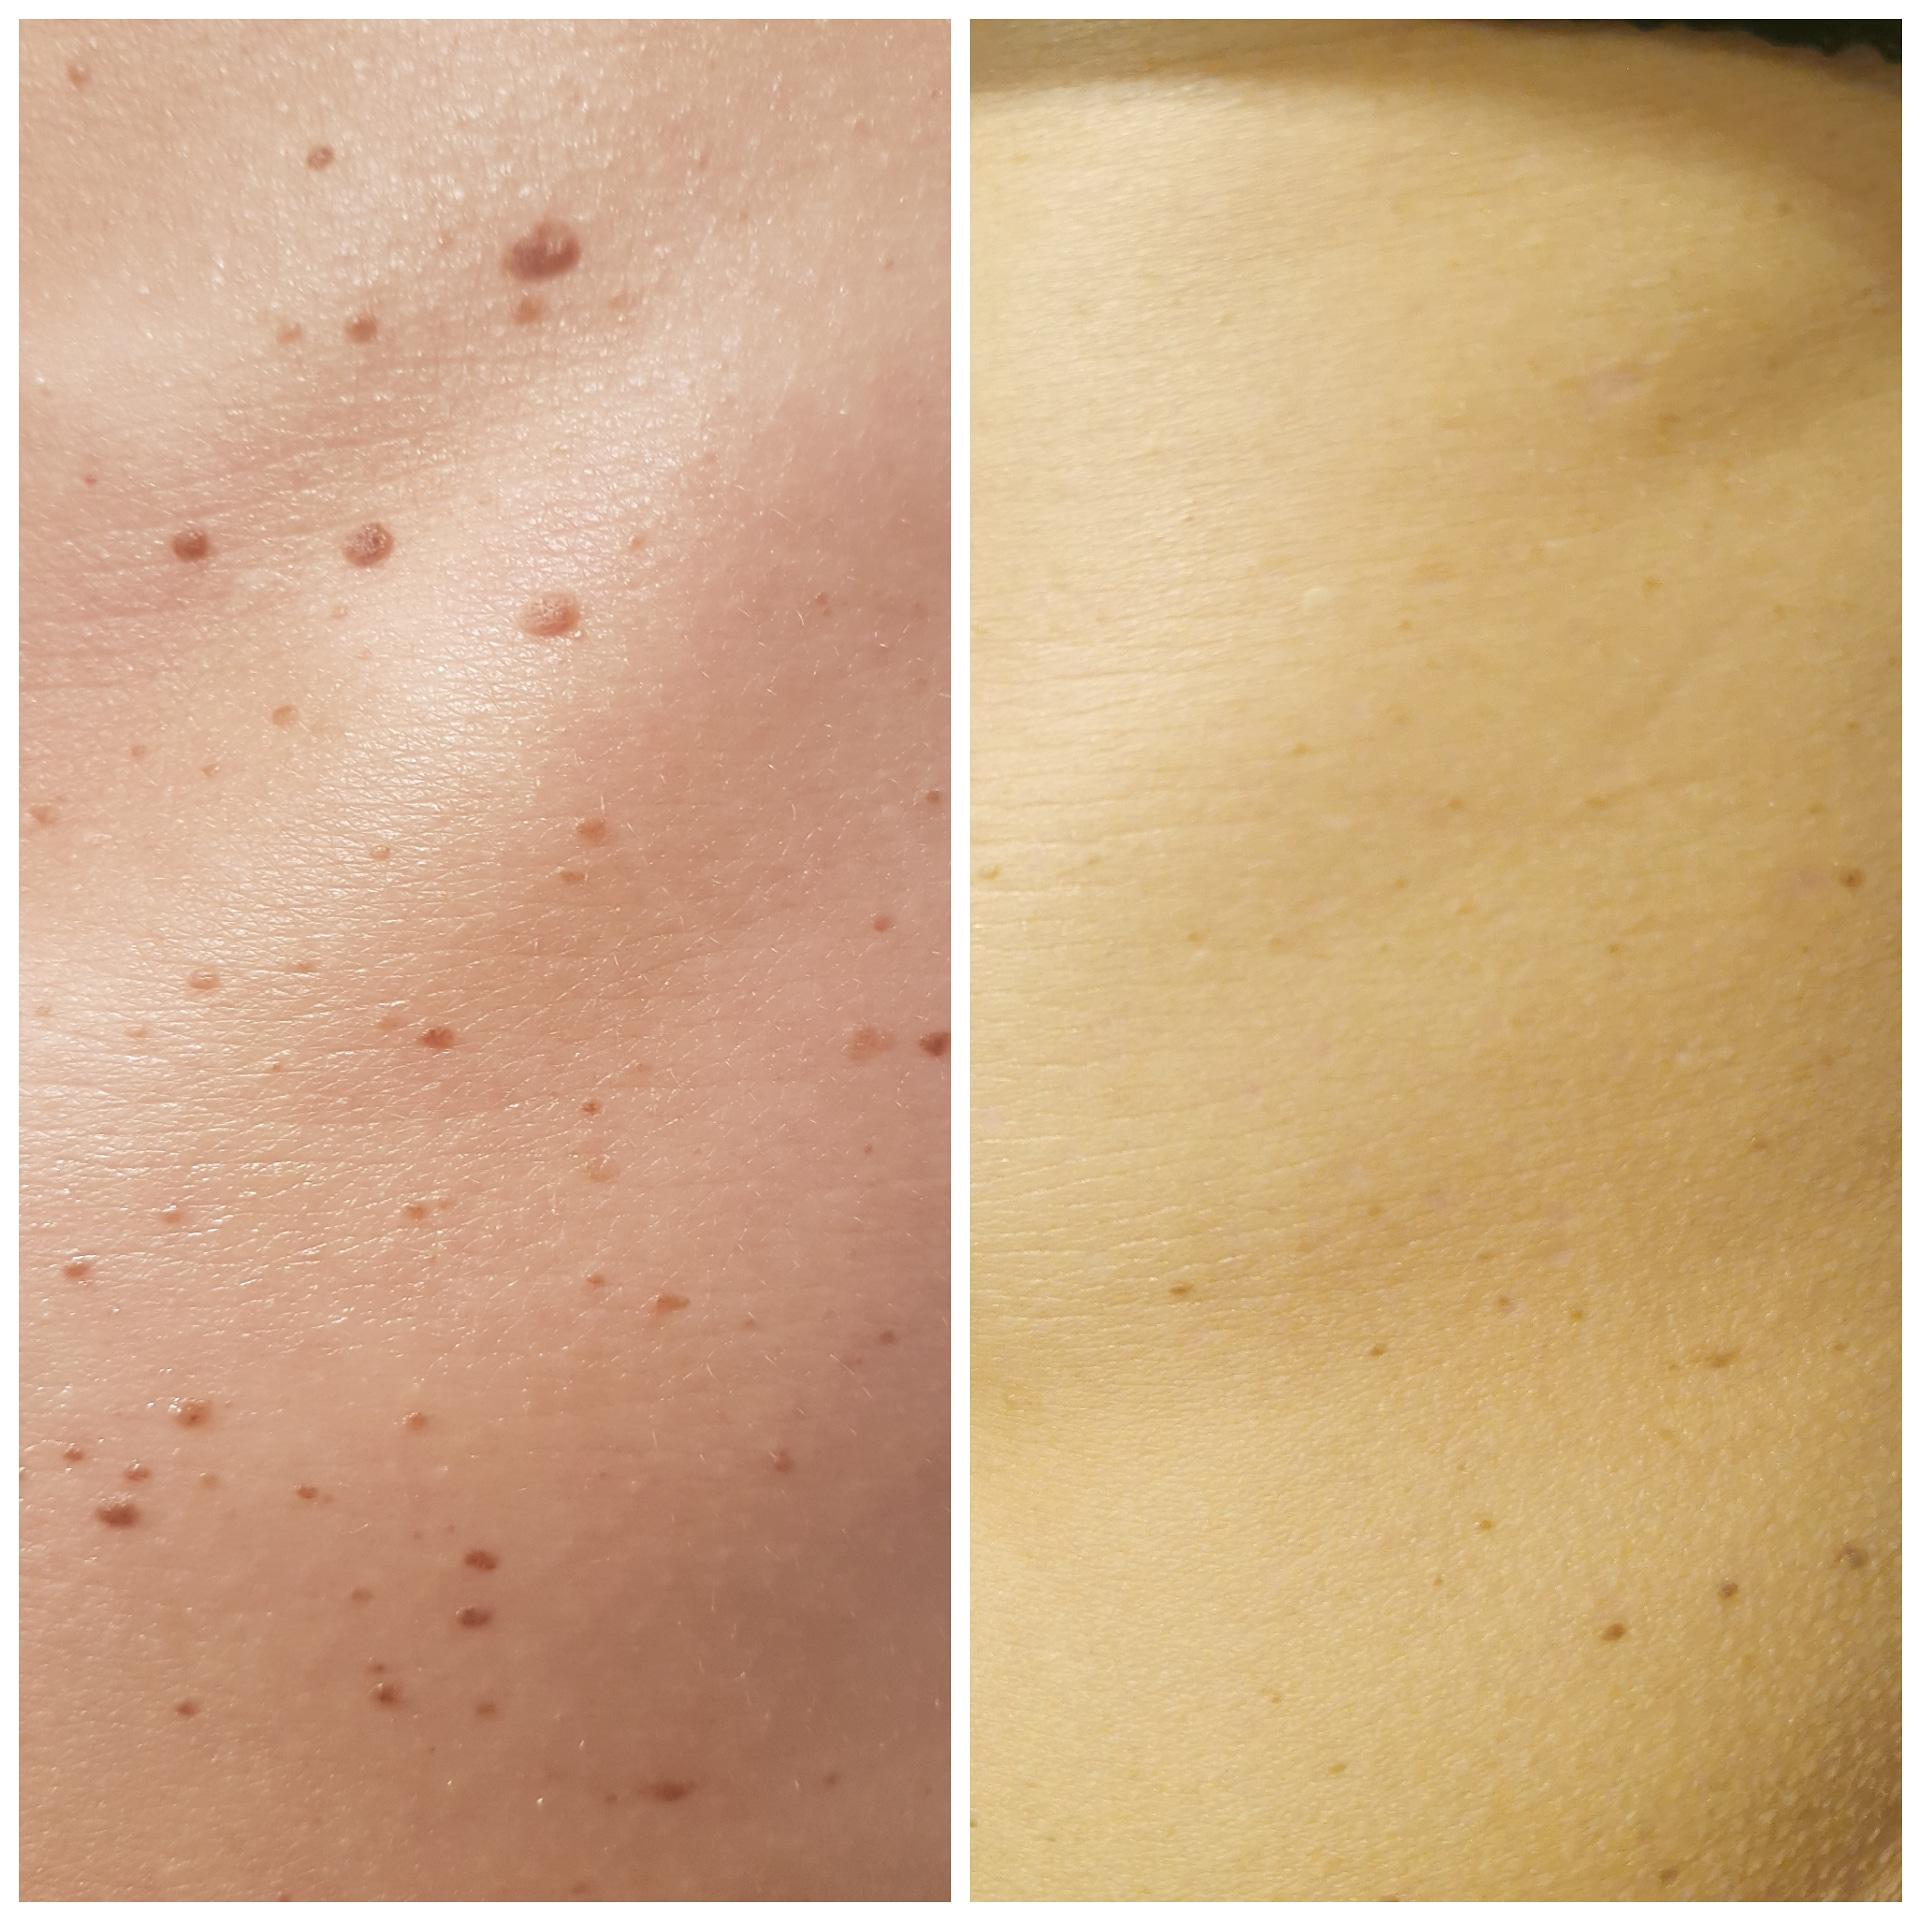 laserowe usuwanie zmian skórnych kraków, brodawek, włókniaków, prosaków,